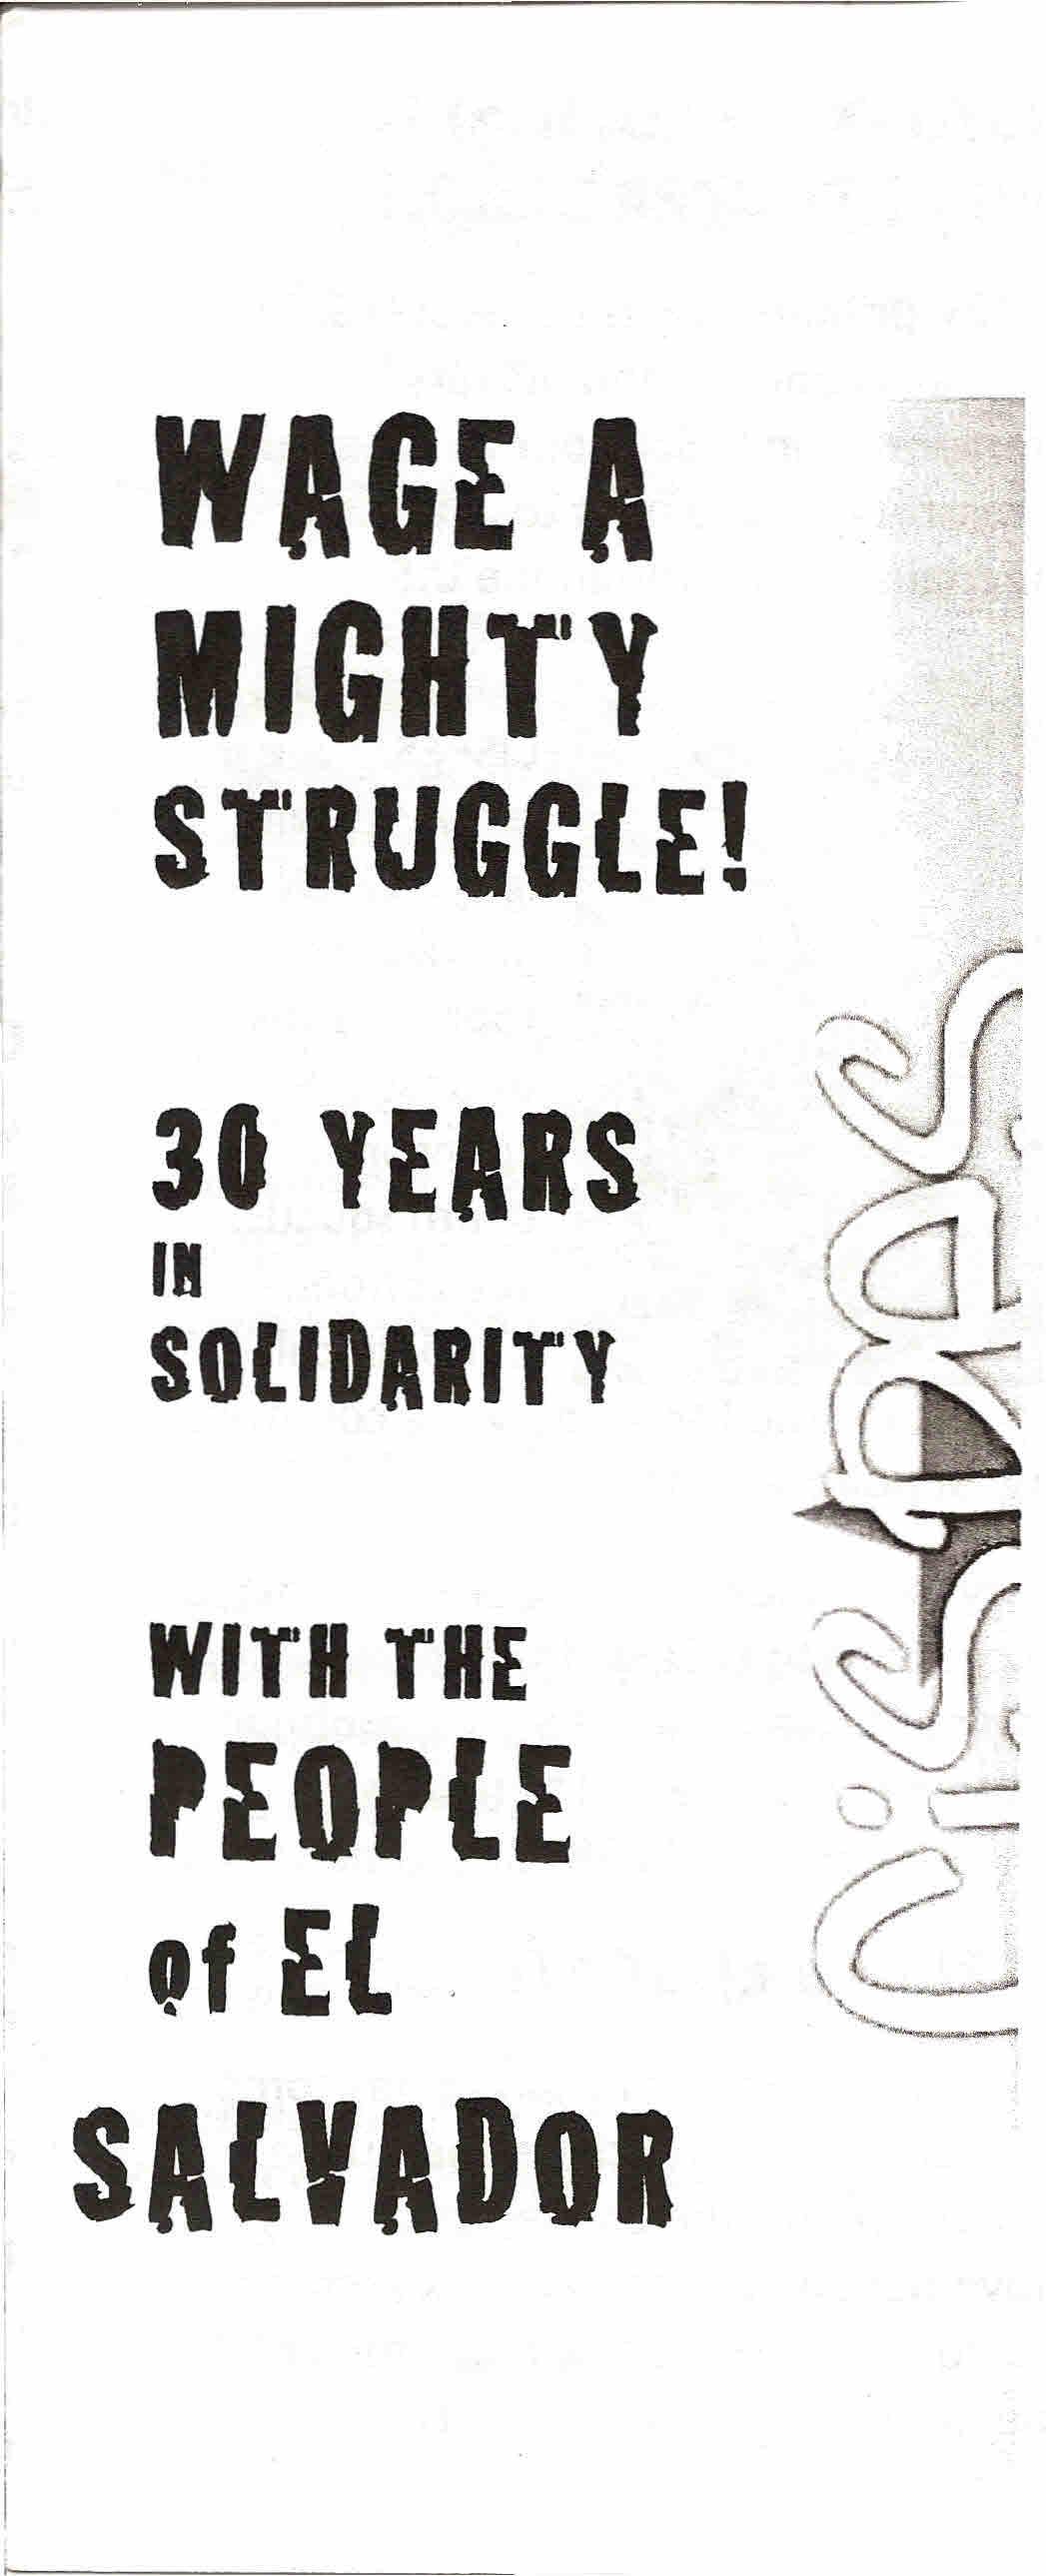 Copy of Wage a mighty struggle!